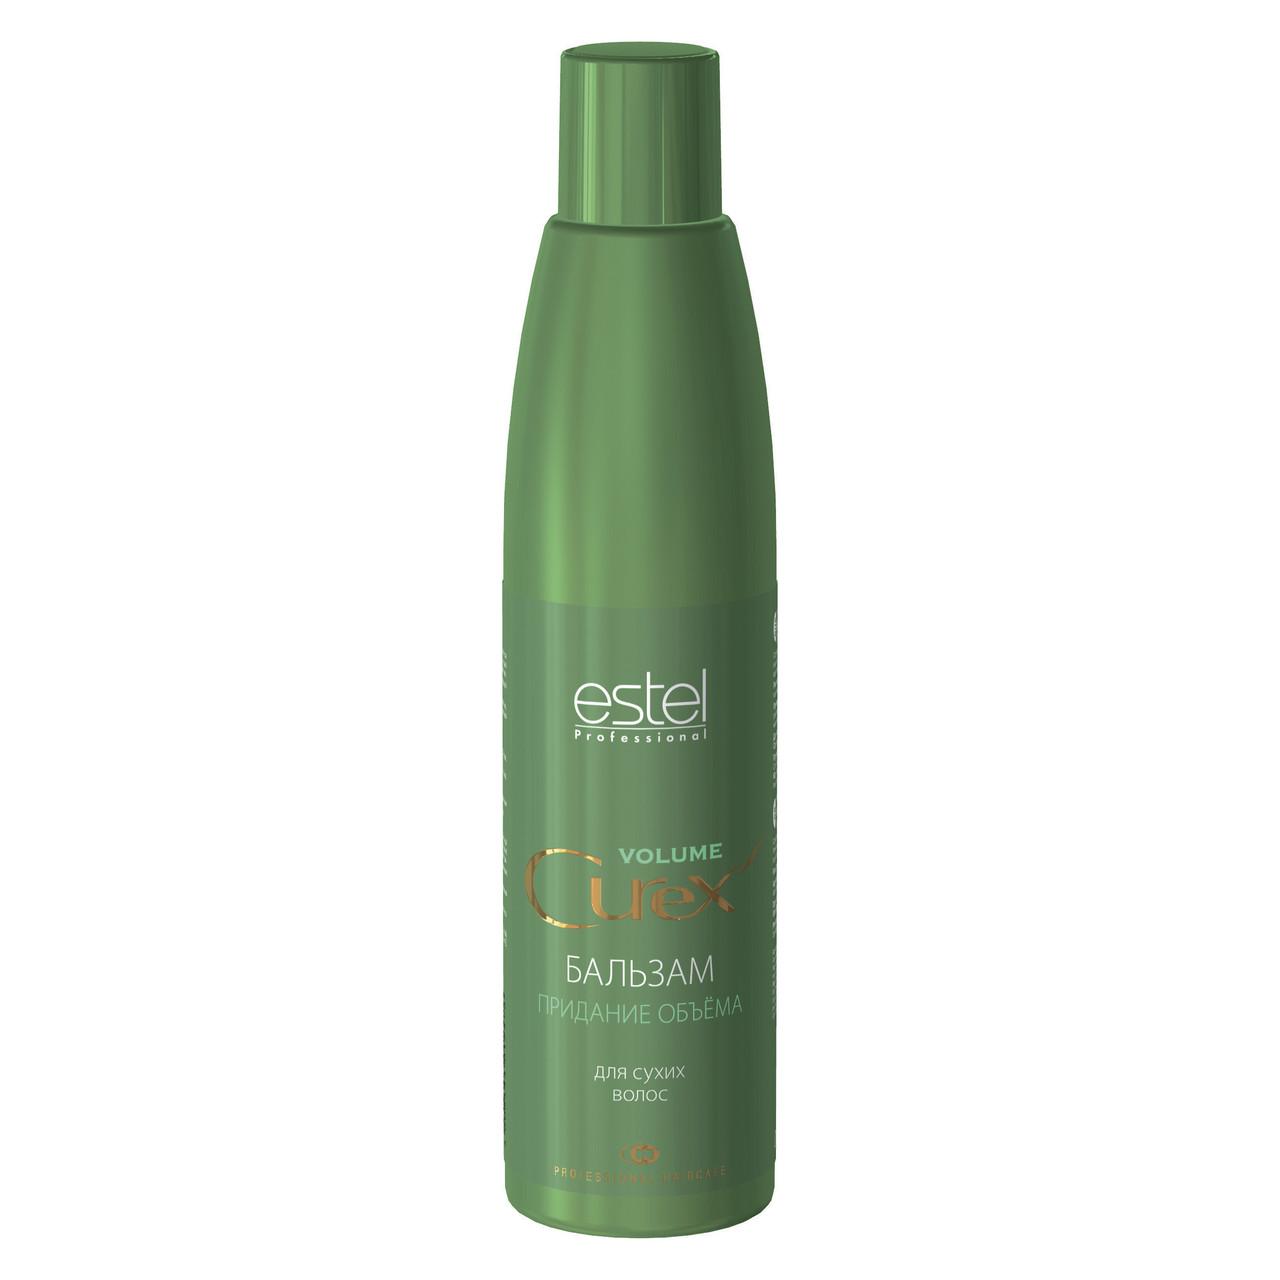 Бальзам Estel CUREX VOLUME для придания объема для сухих и поврежденных волос